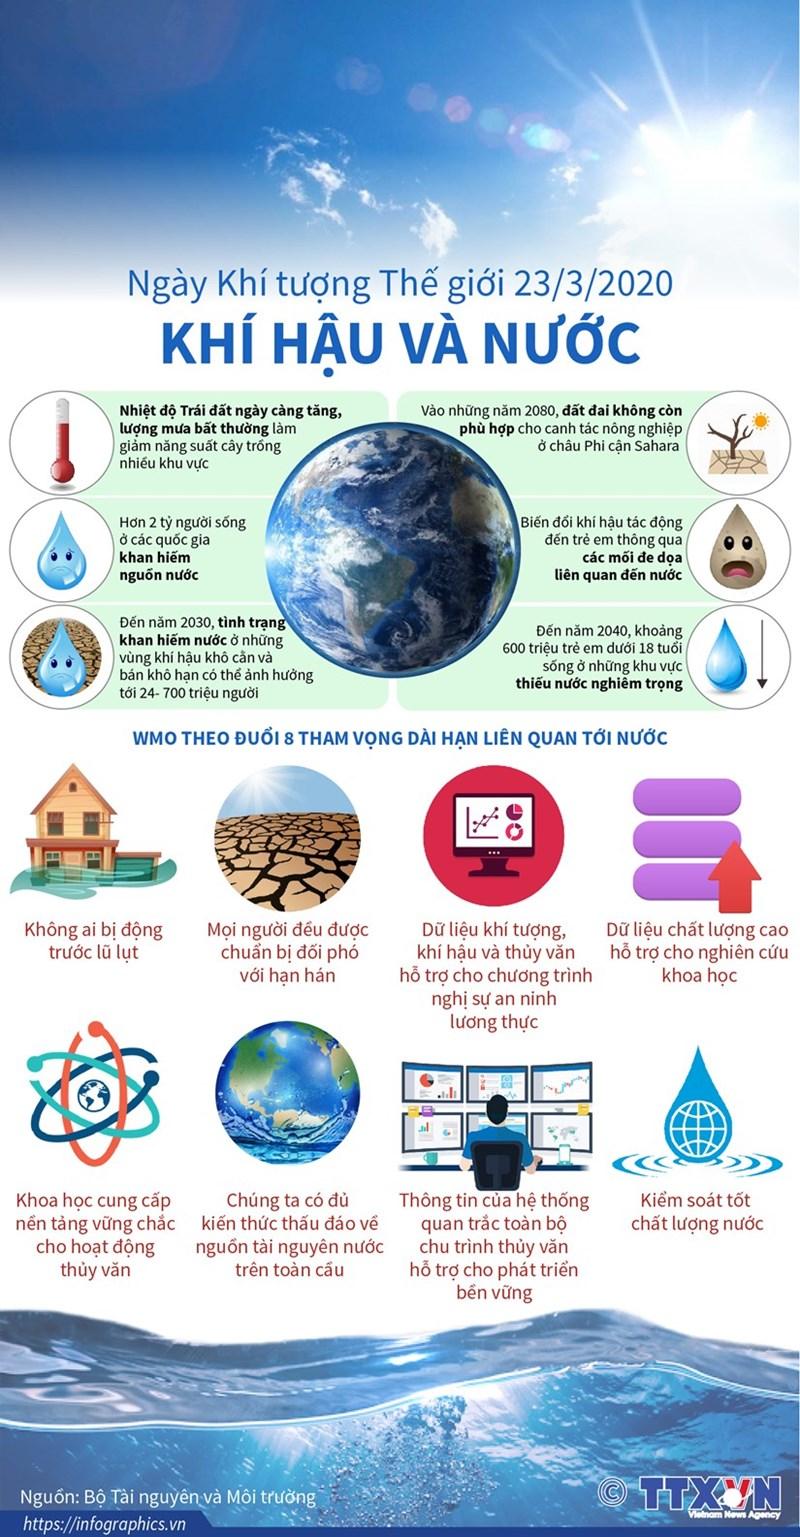 [Infographic] Ngày Khí tượng Thế giới 23/3/2020: Khí hậu và Nước - Ảnh 1